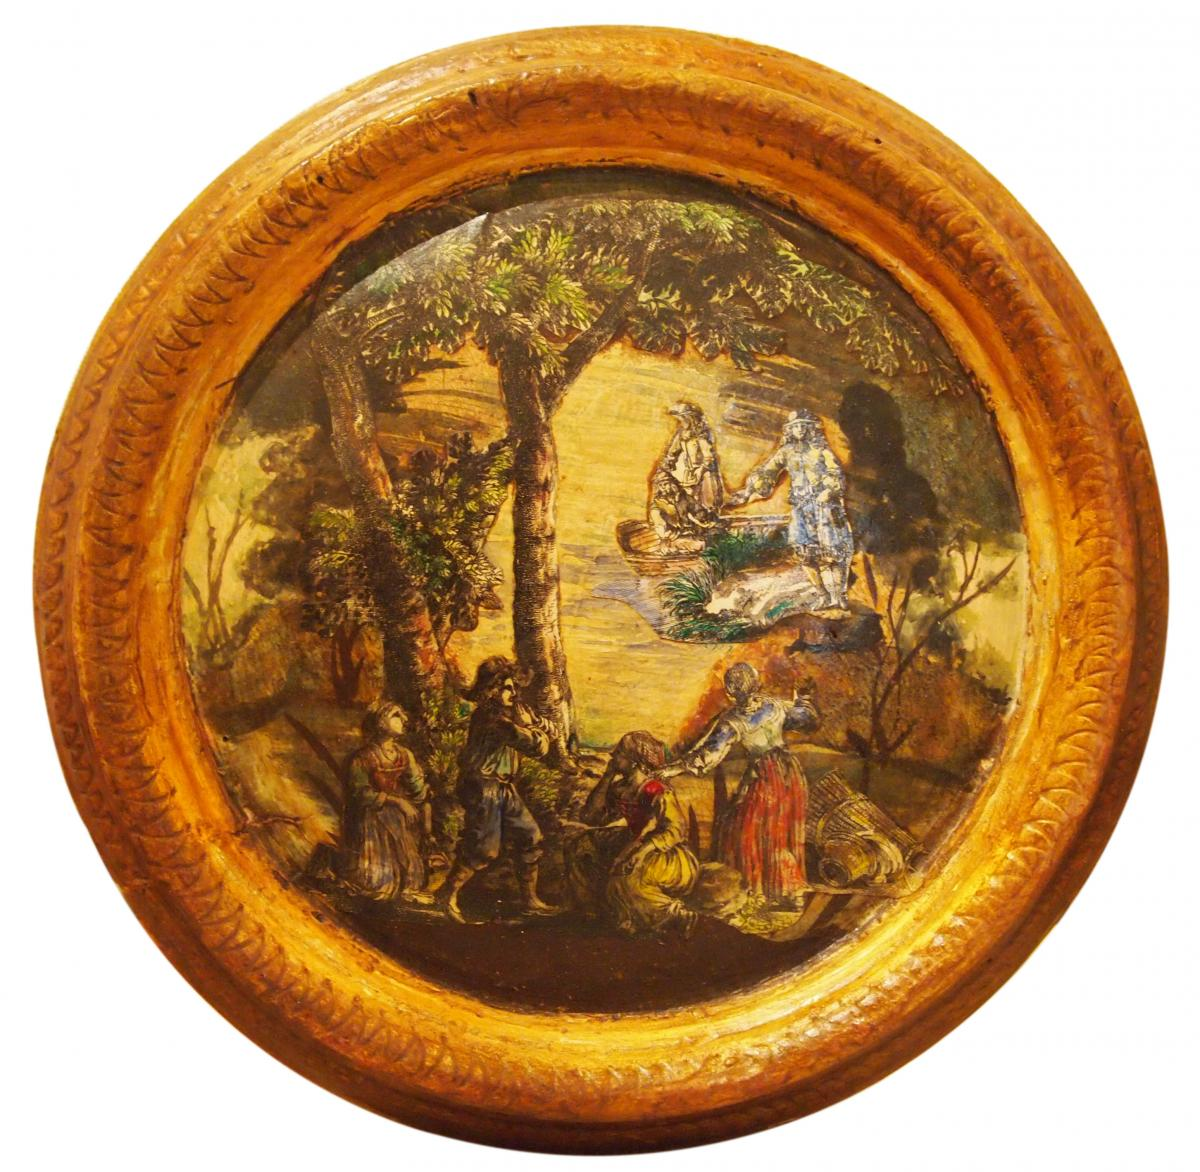 7 Tableaux Ronds En Arte Povera, Italie, 18e Siècle